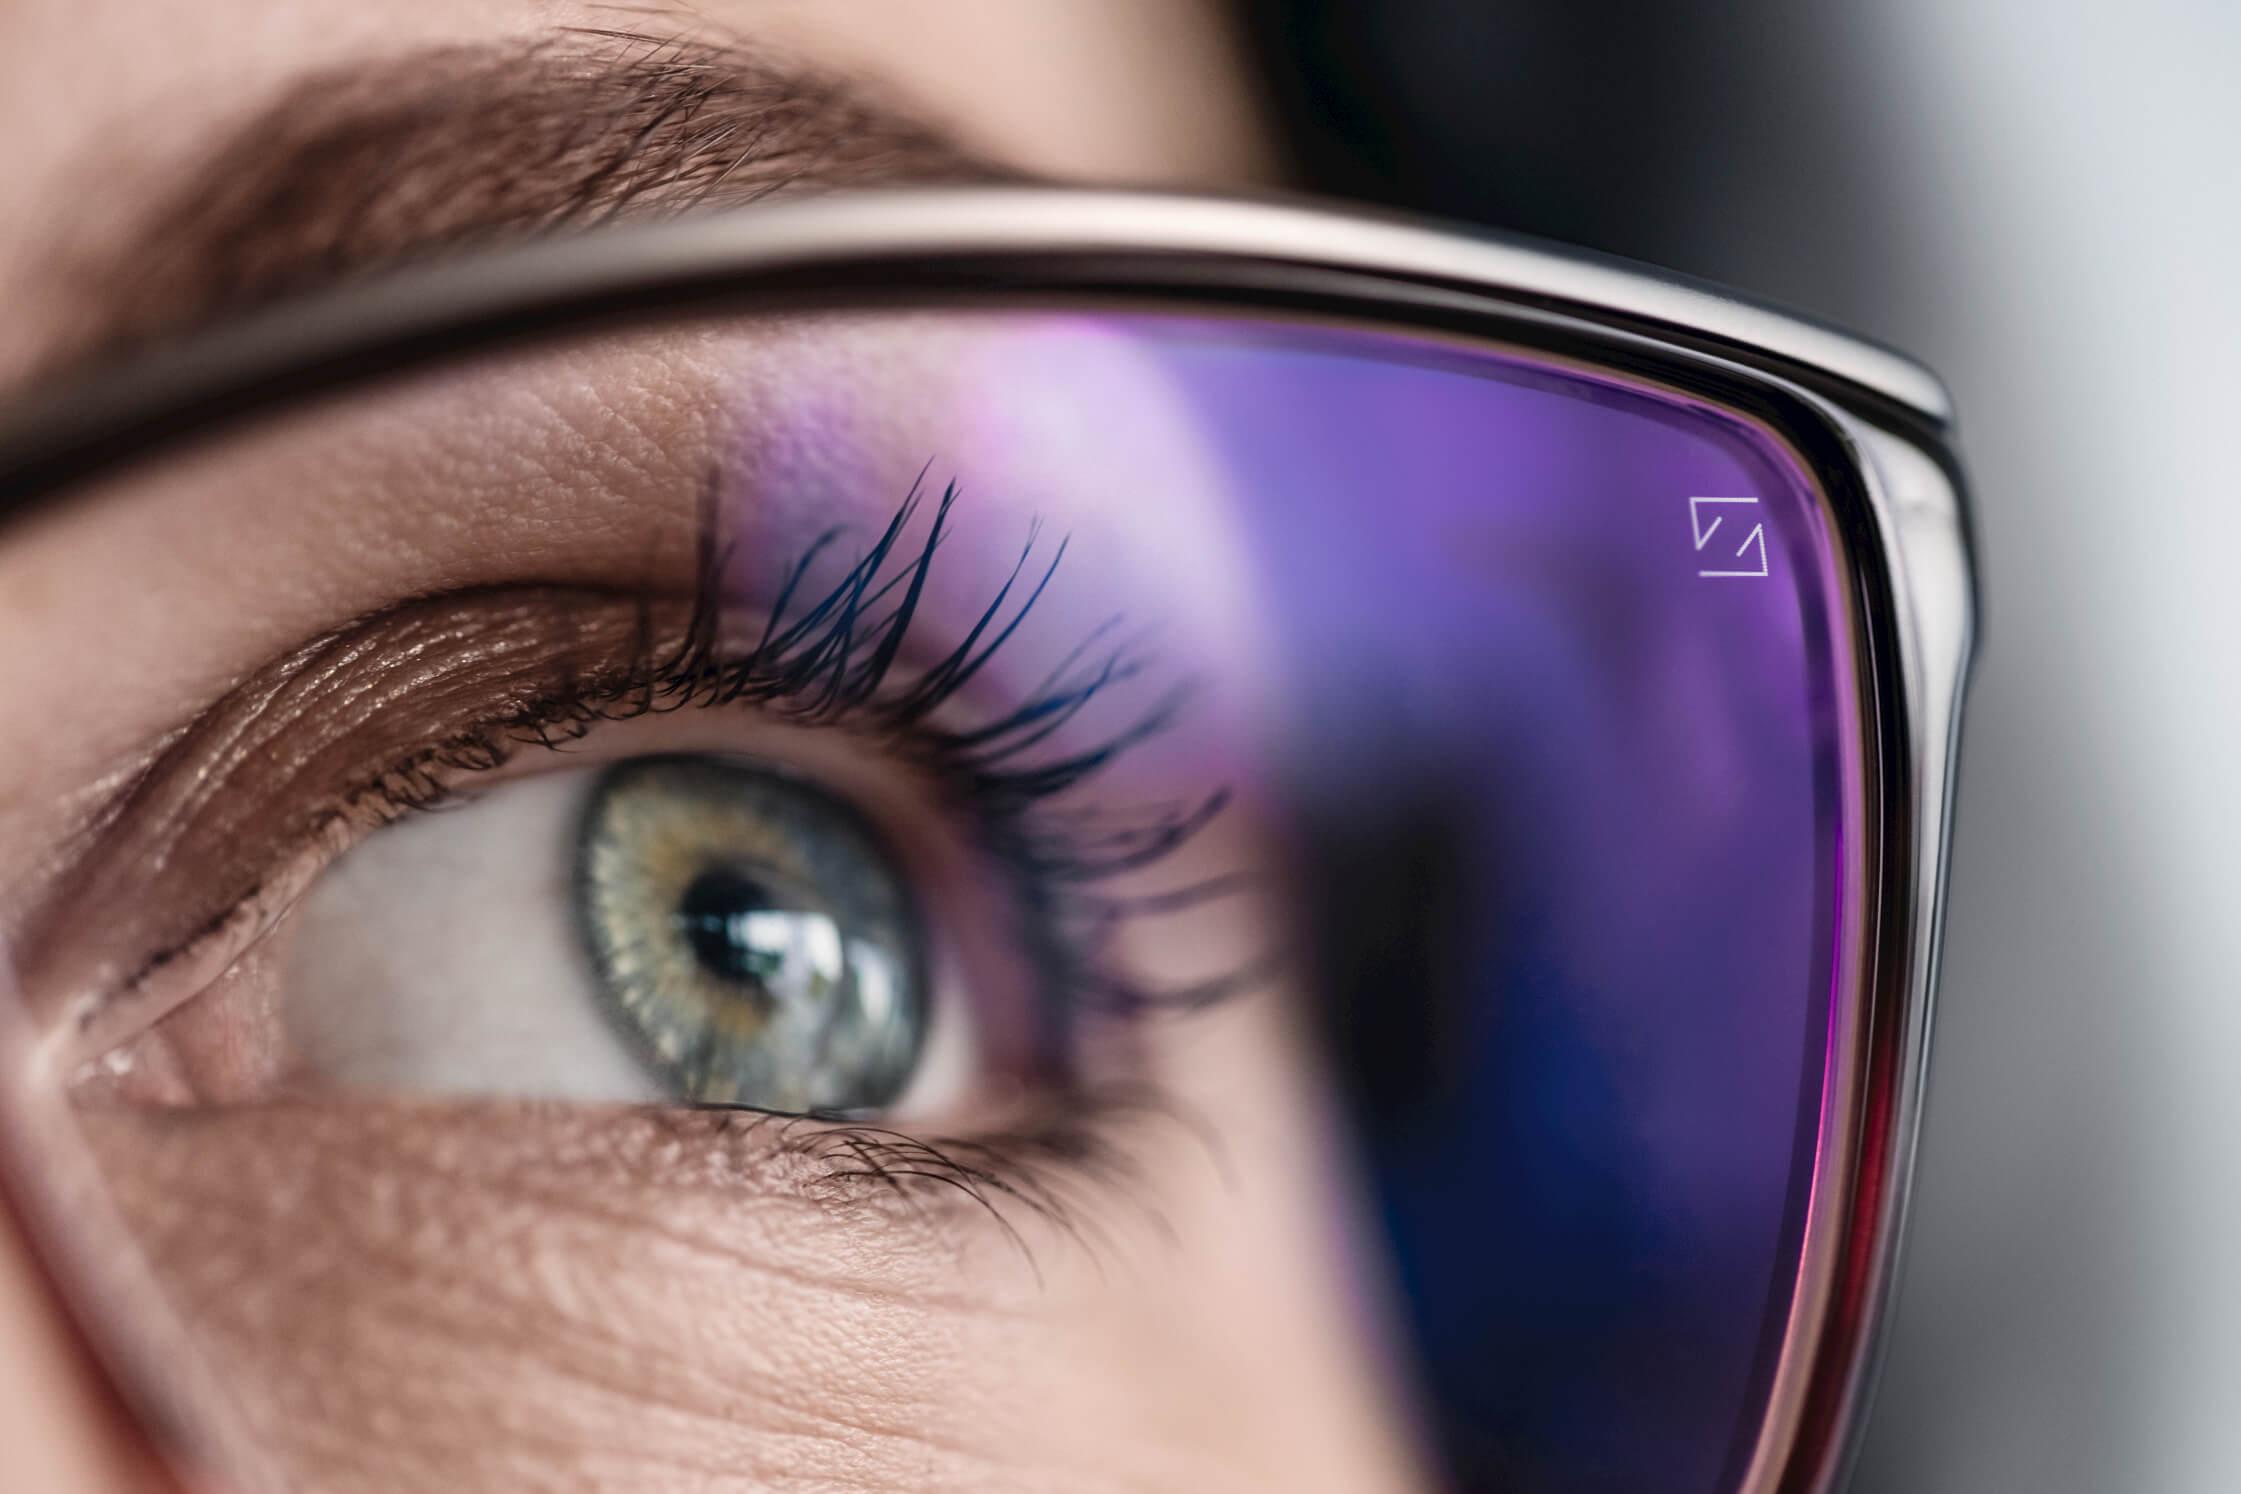 auf Füßen Aufnahmen von großer Rabatt dauerhafte Modellierung Für Augenoptiker